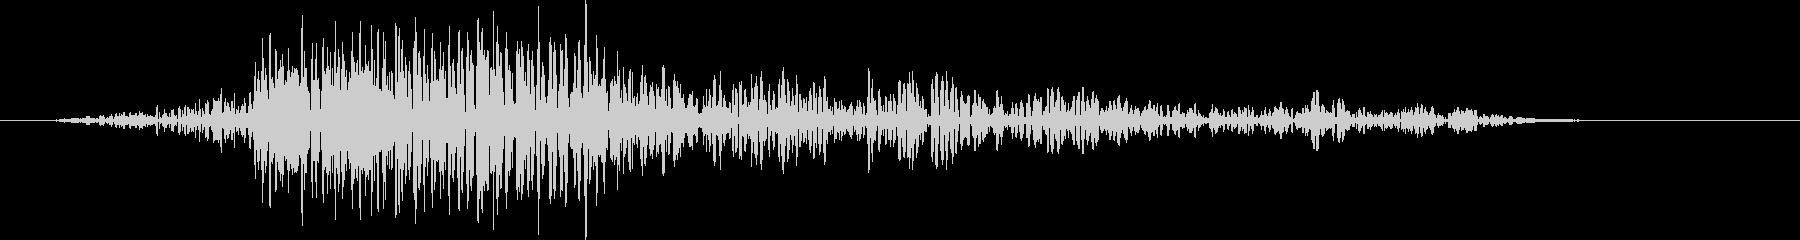 風切り音(ムチ,剣,刀など) 01Lの未再生の波形